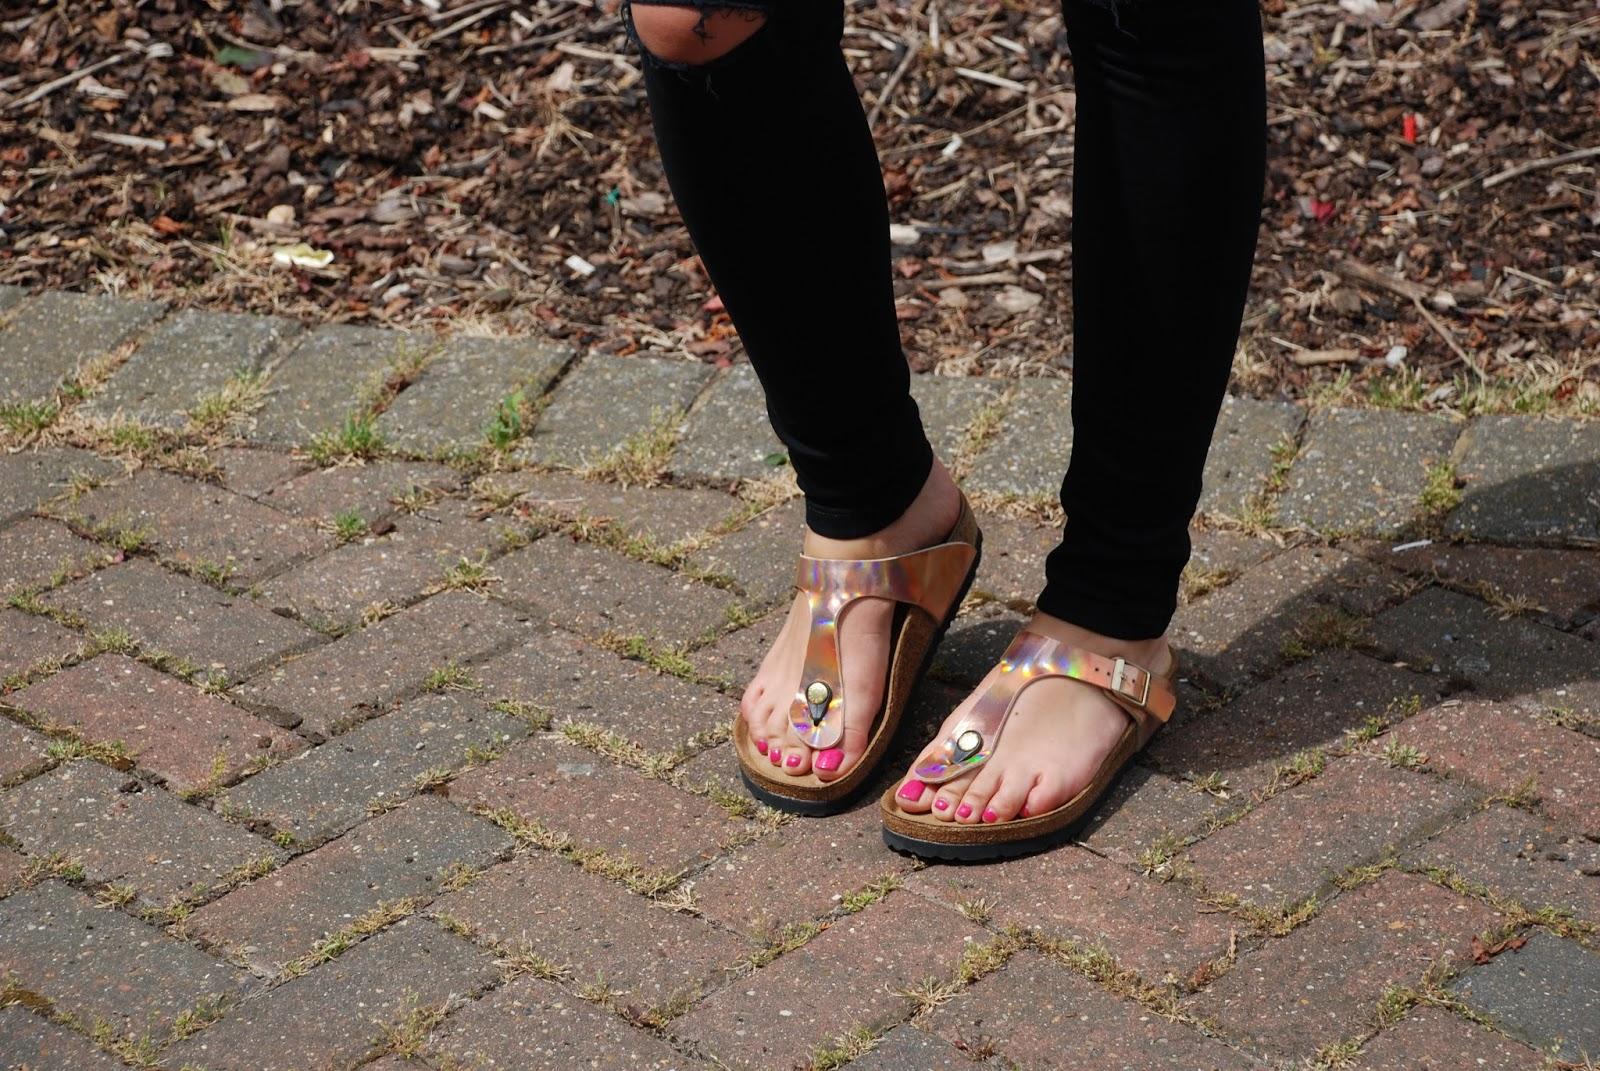 8bc03e8cfa9e16 Ripped jeans   rose gold Birkenstocks